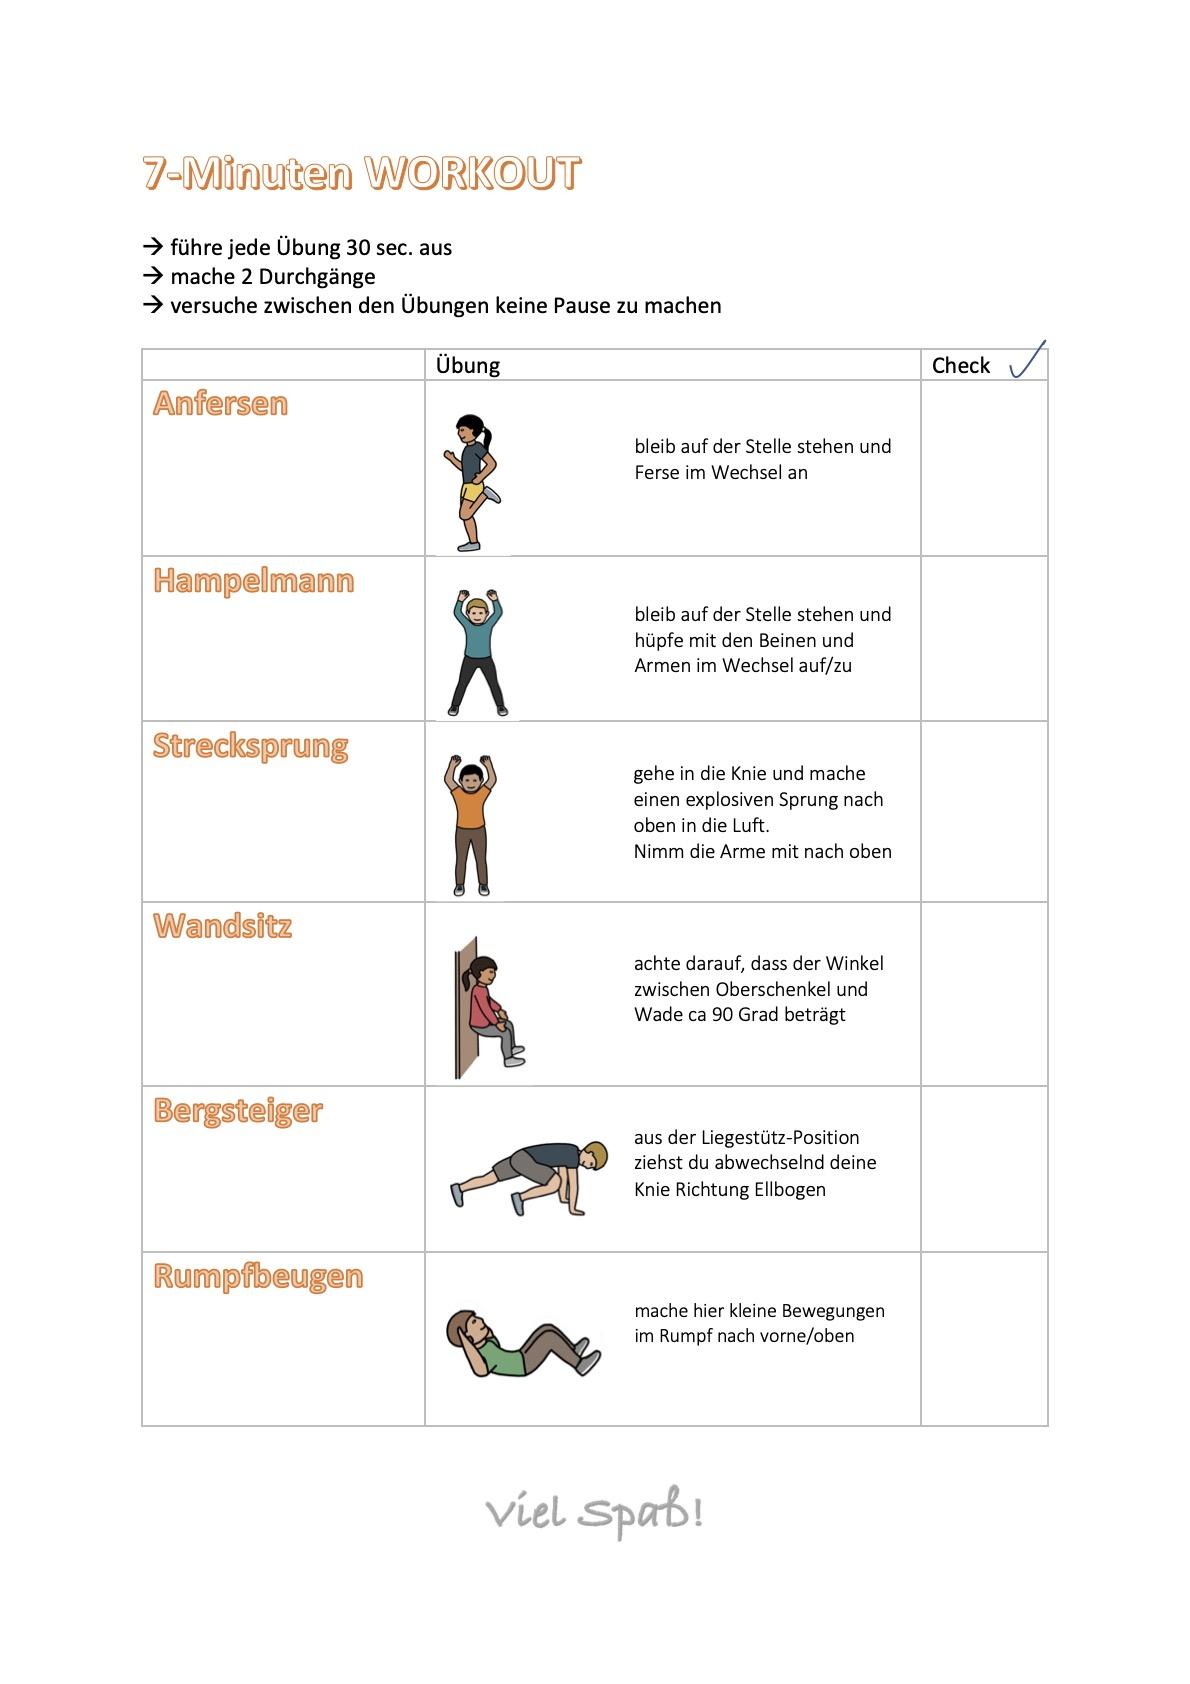 7-Minuten-Workout 02